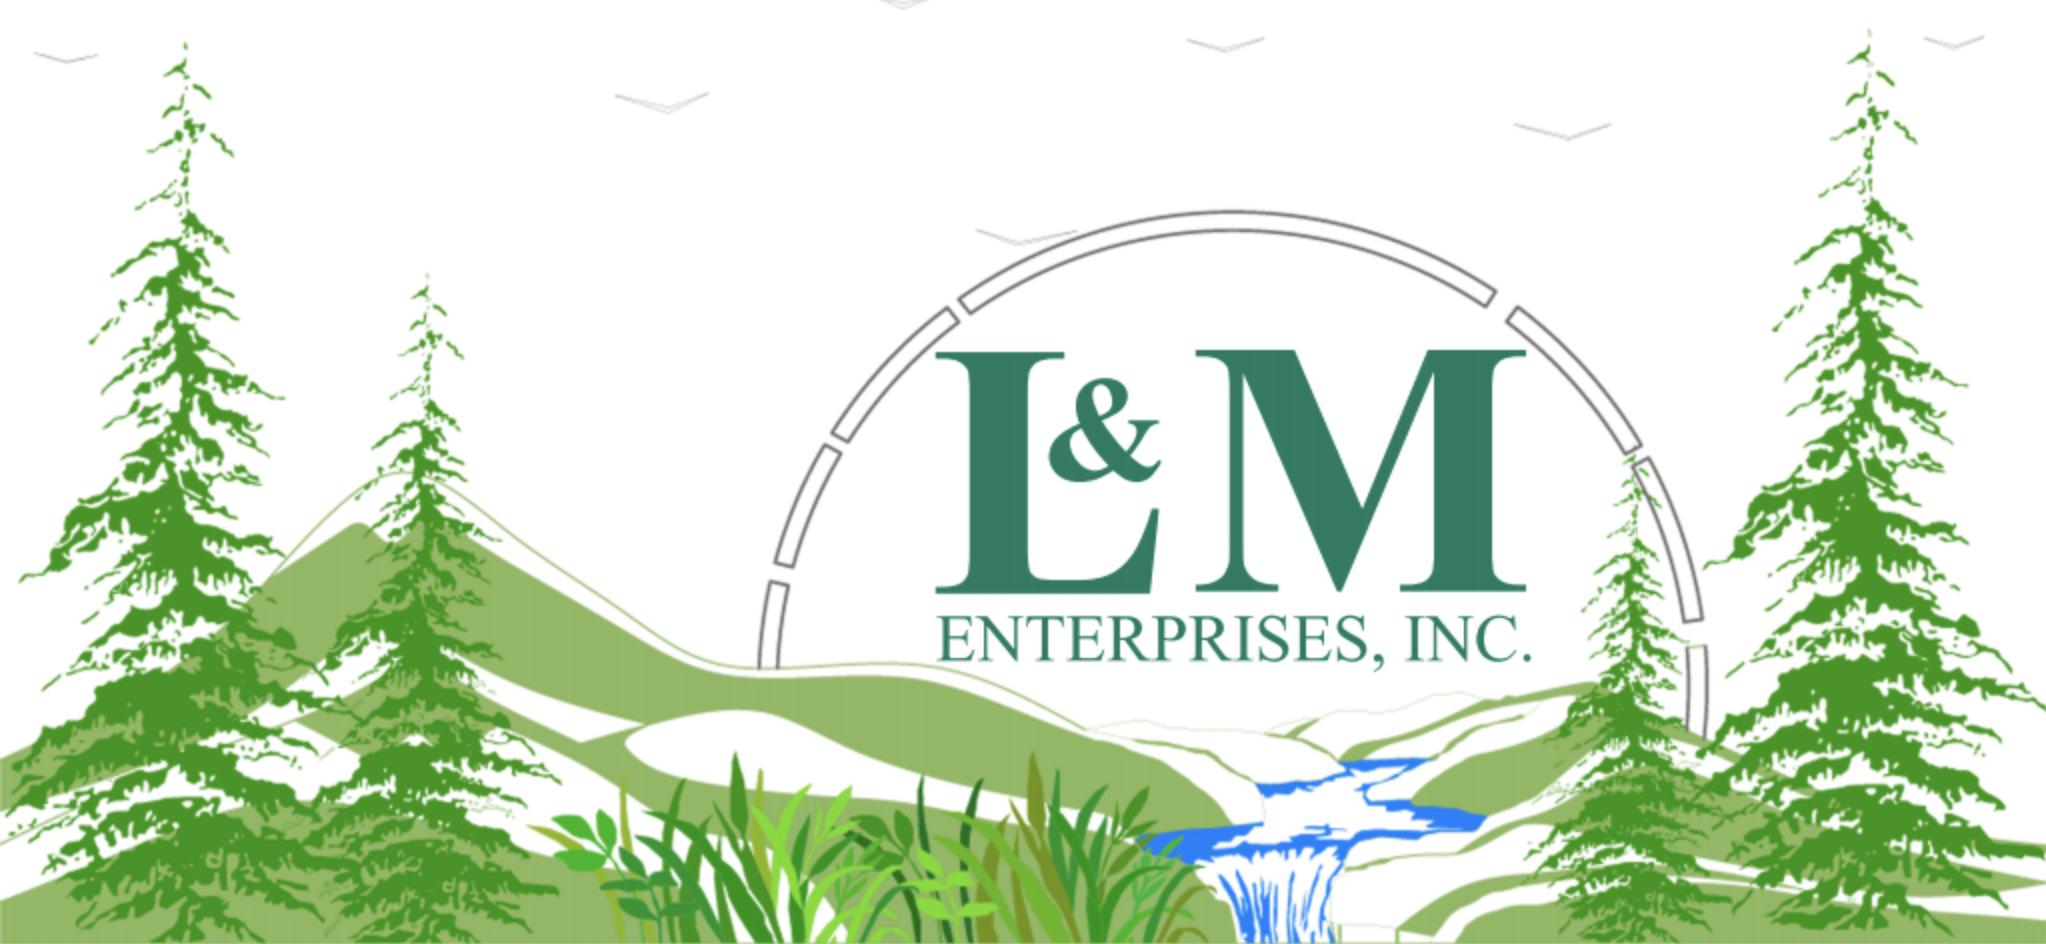 L&M Enterprises